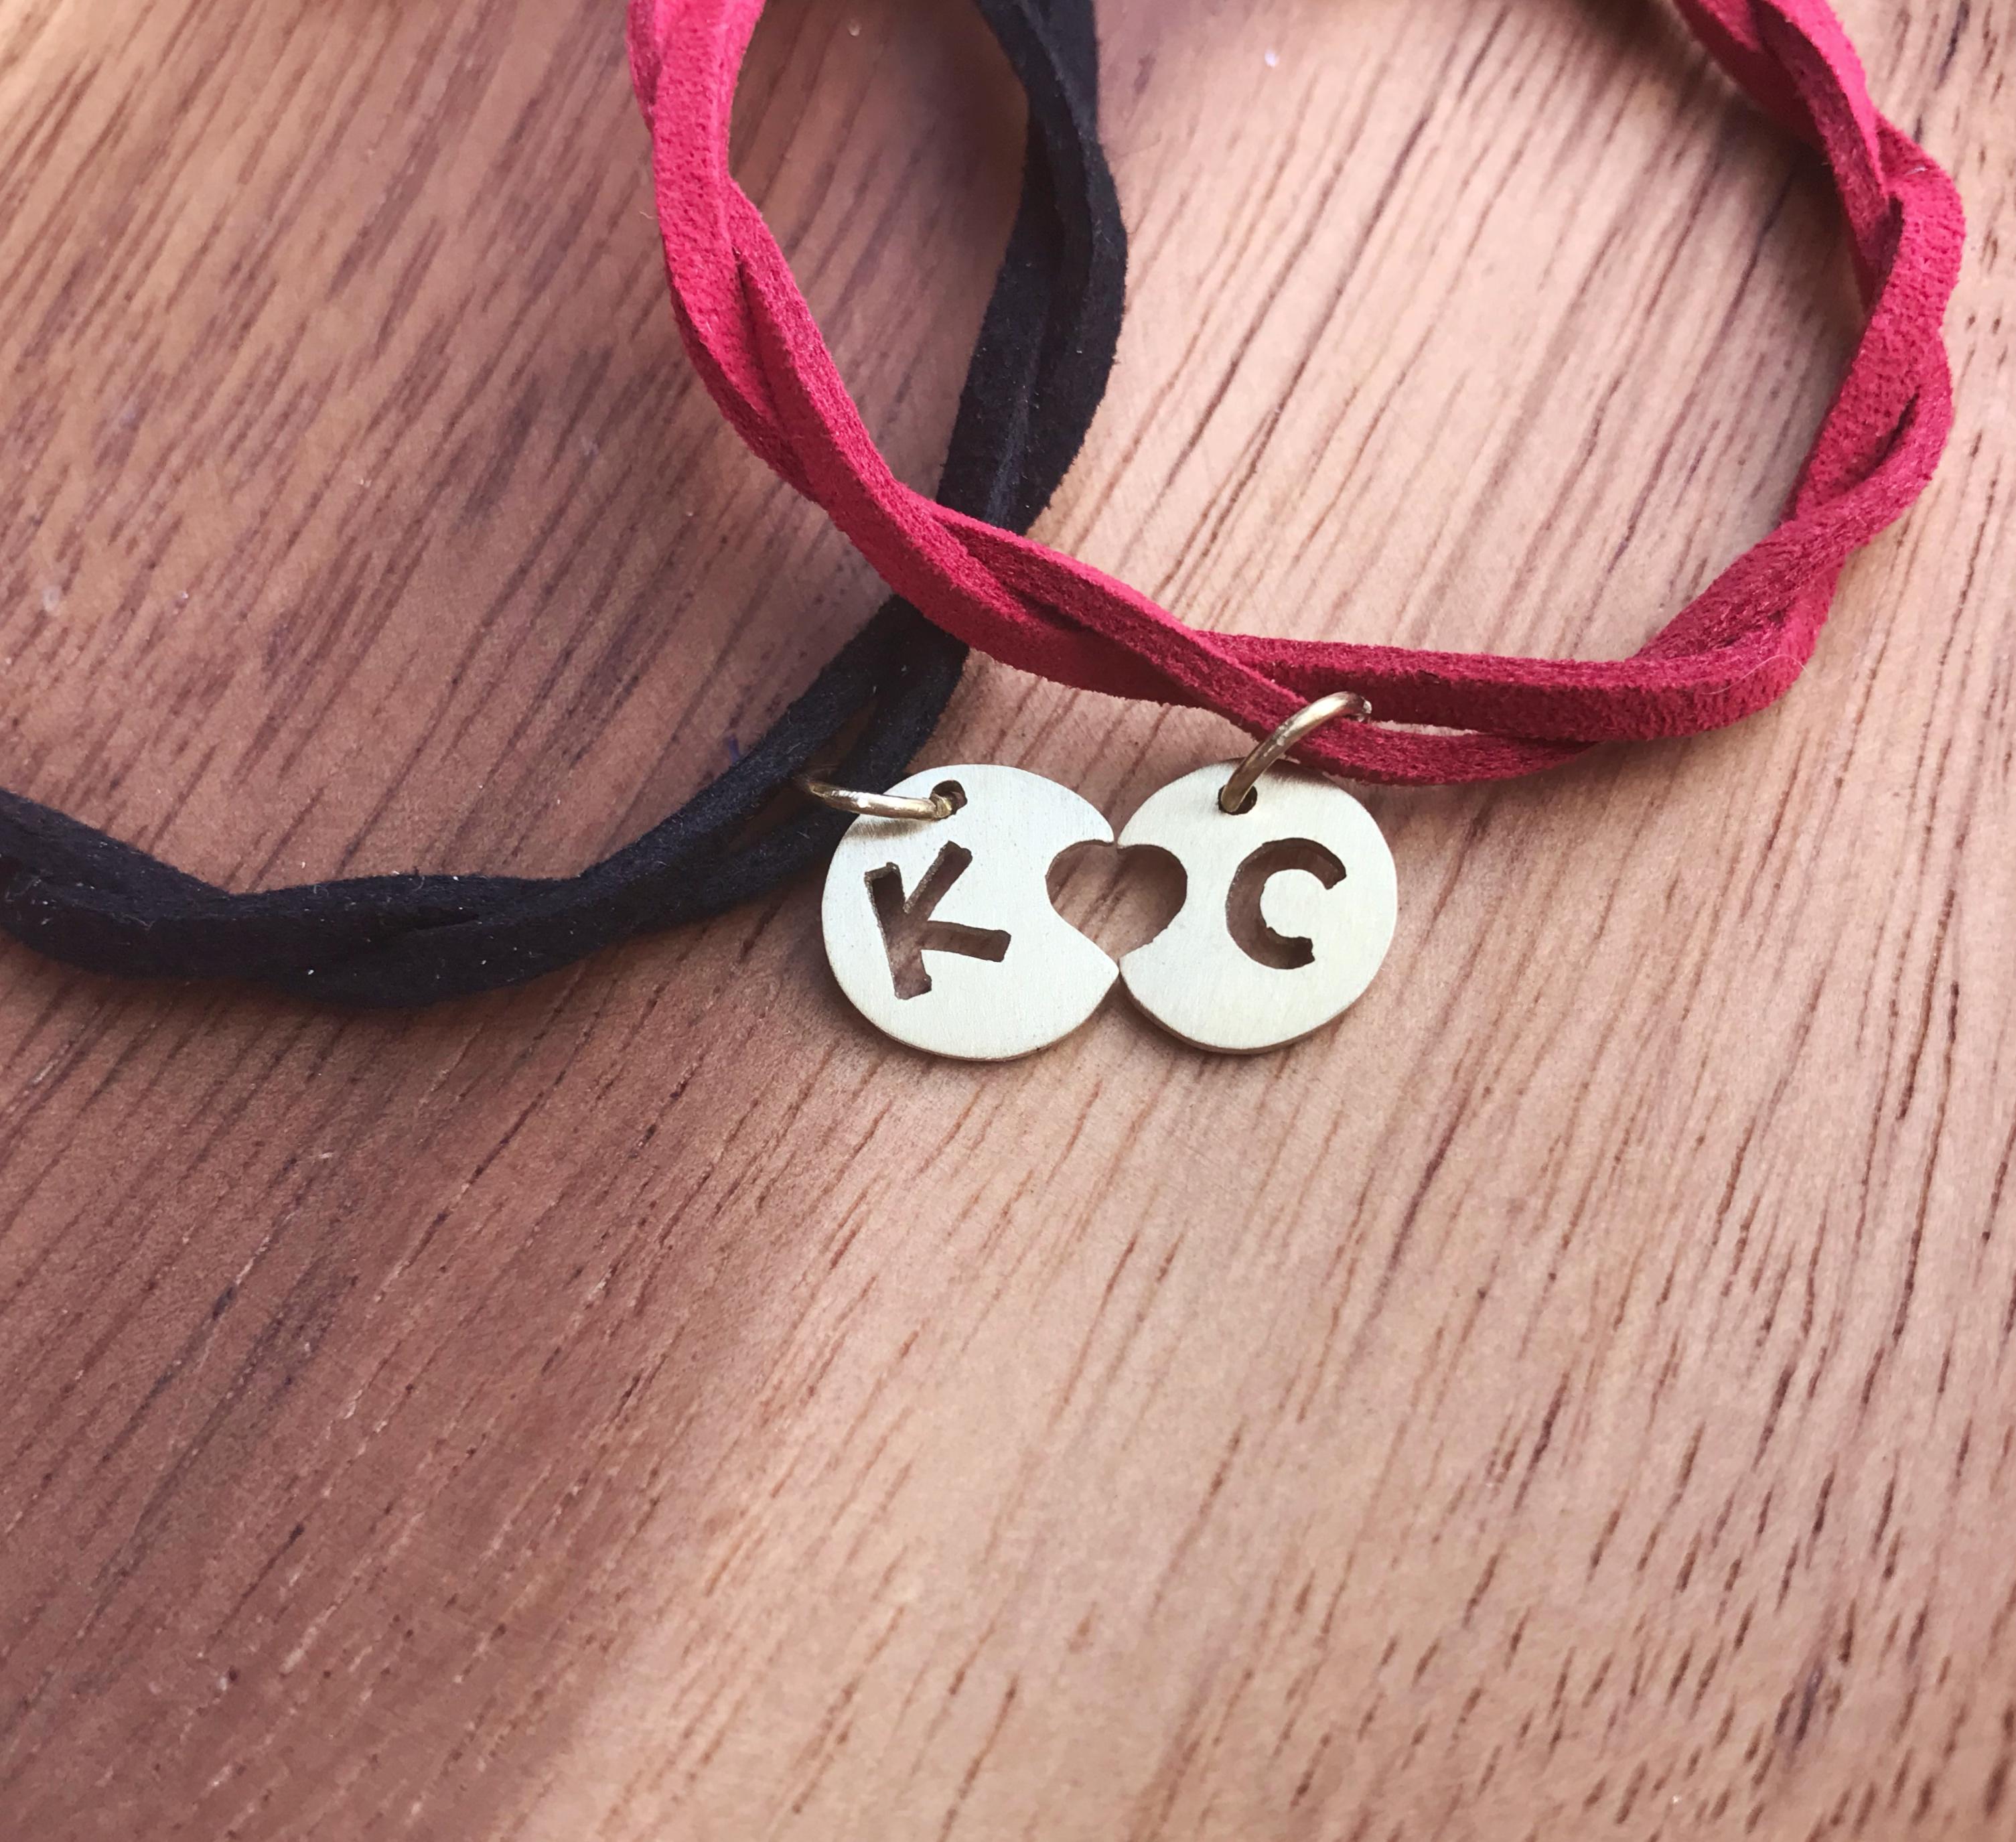 客製情侶手環 - 黃銅吊牌 x 韓國絨